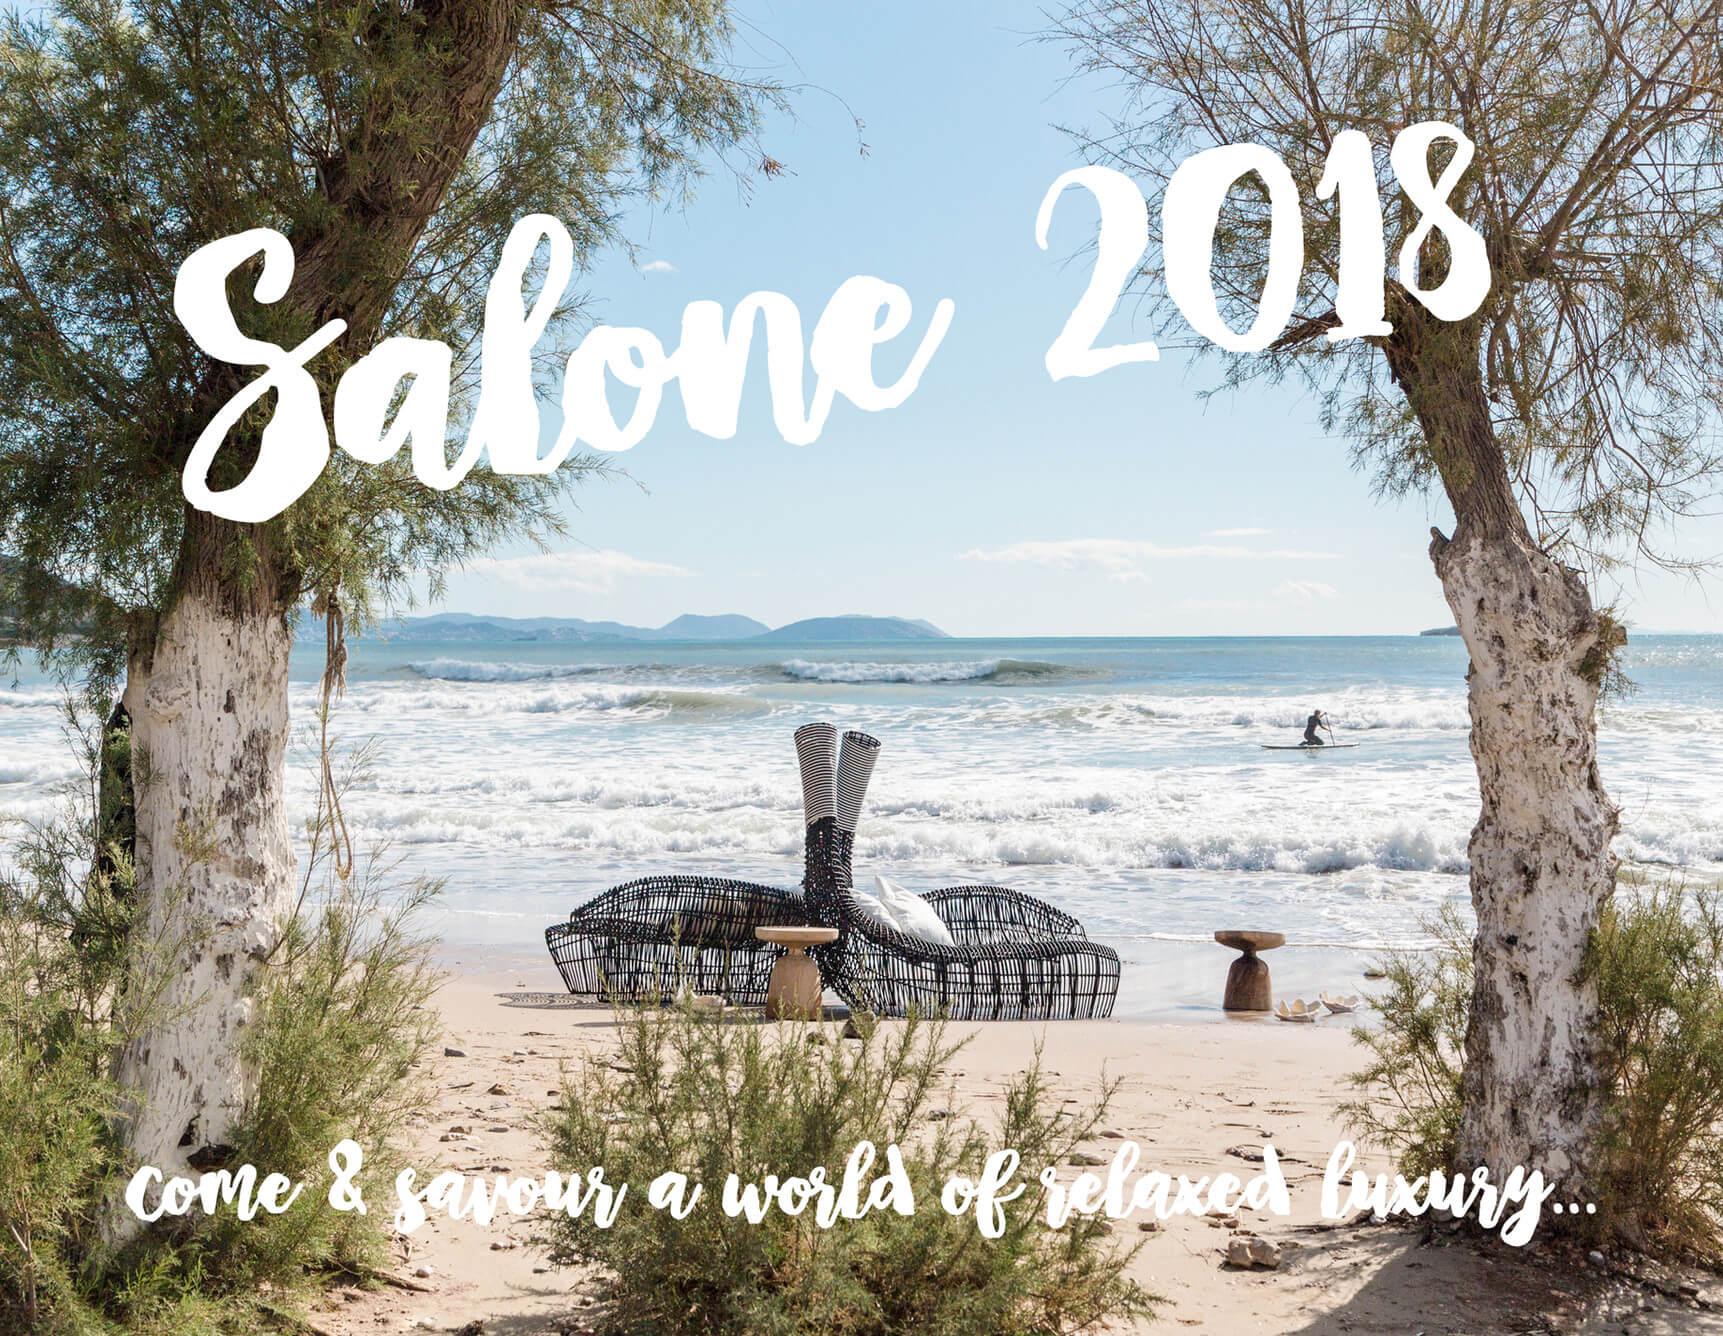 Salone 2018 2